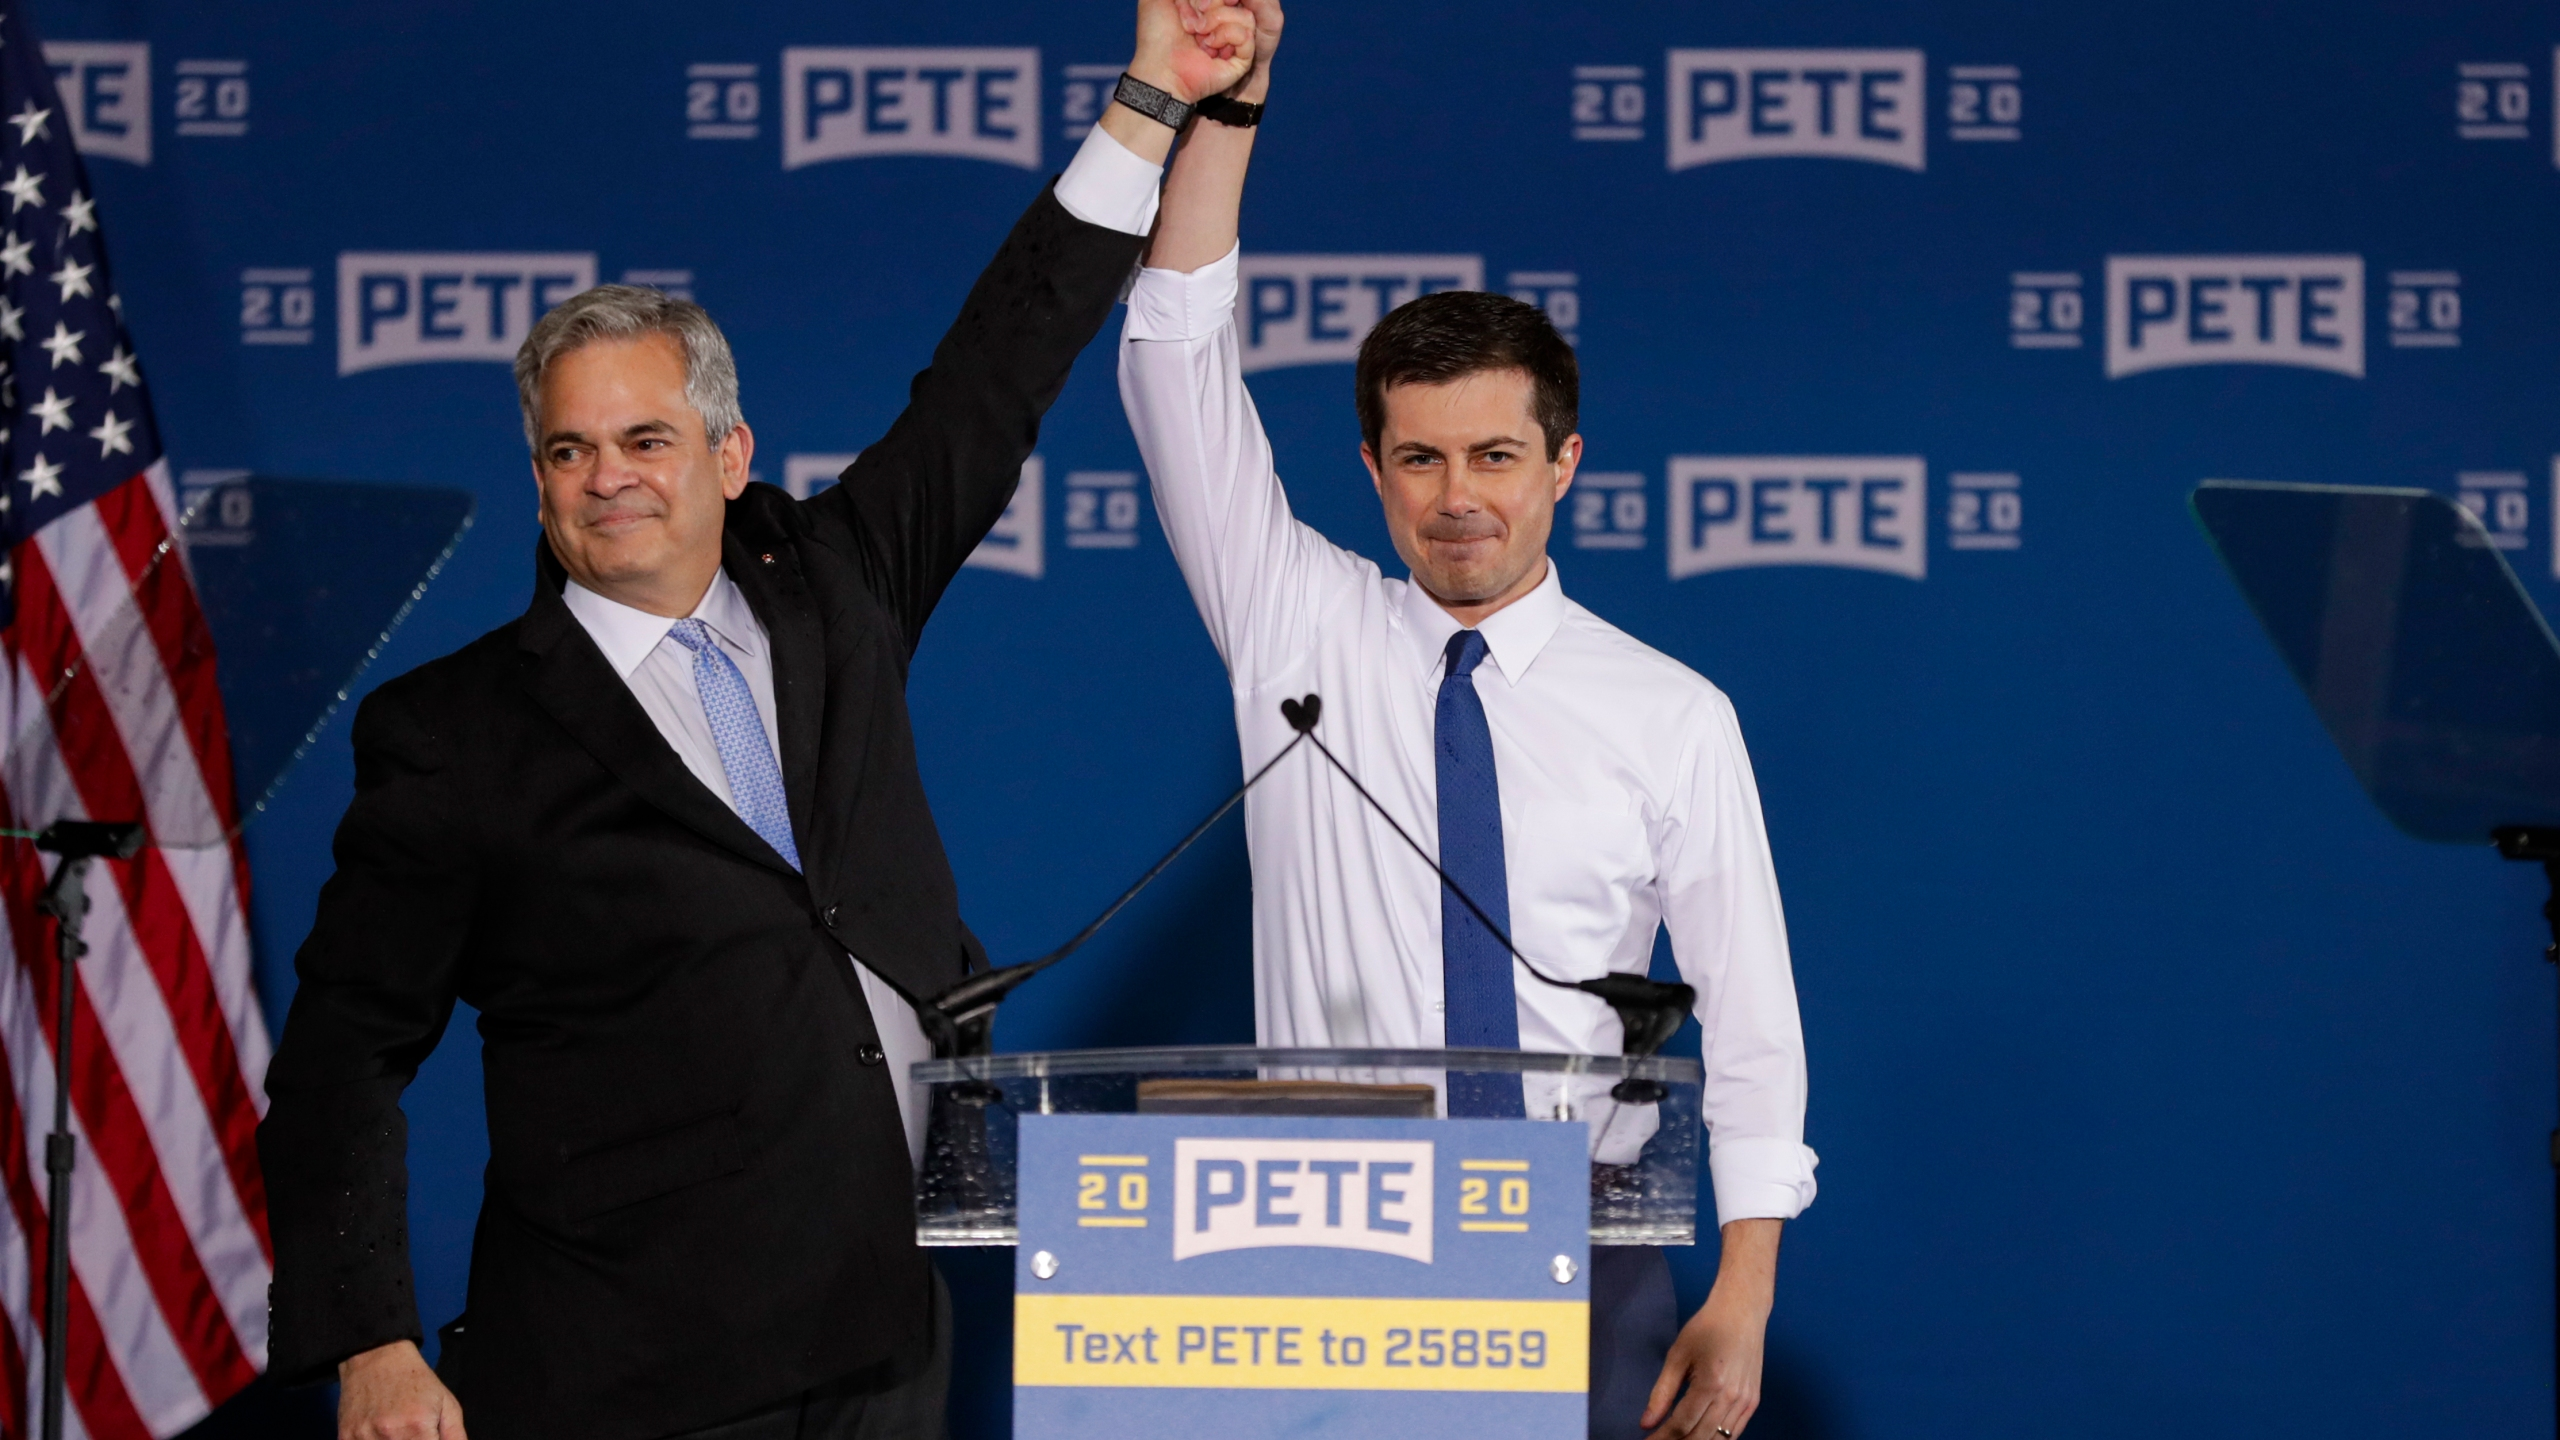 Pete Buttigieg, Steve Adler